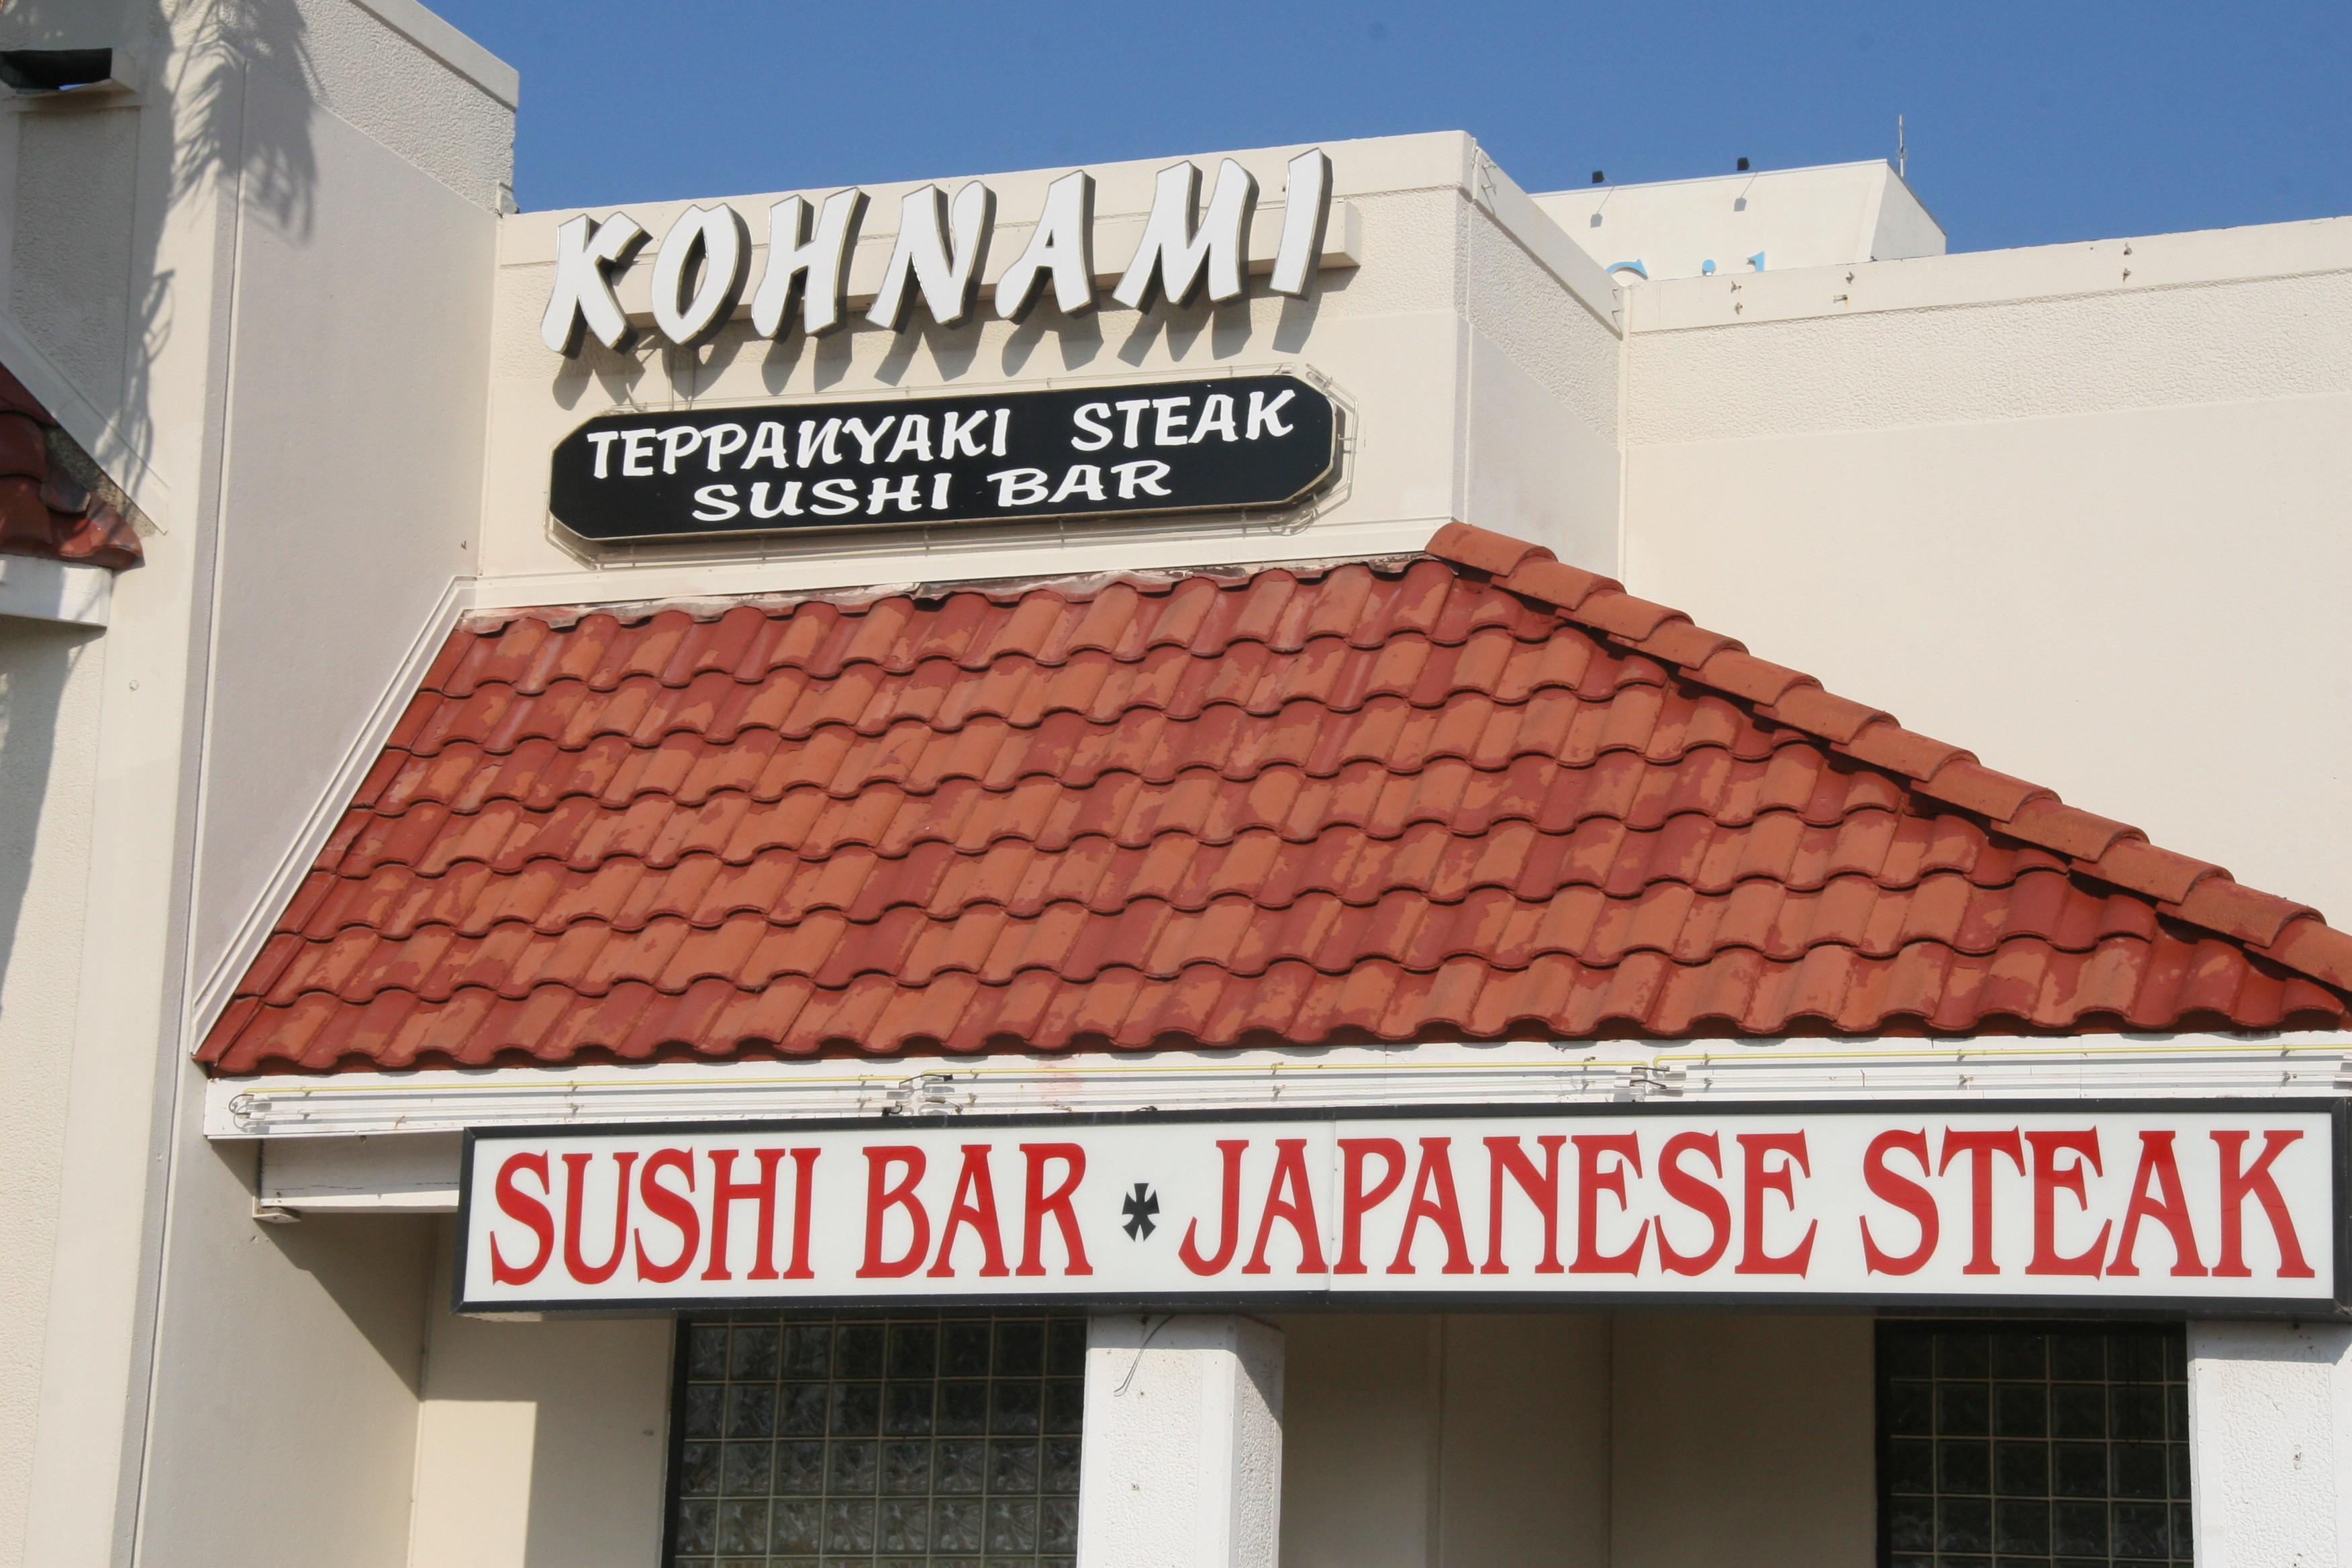 Kohnami Sushi Bar